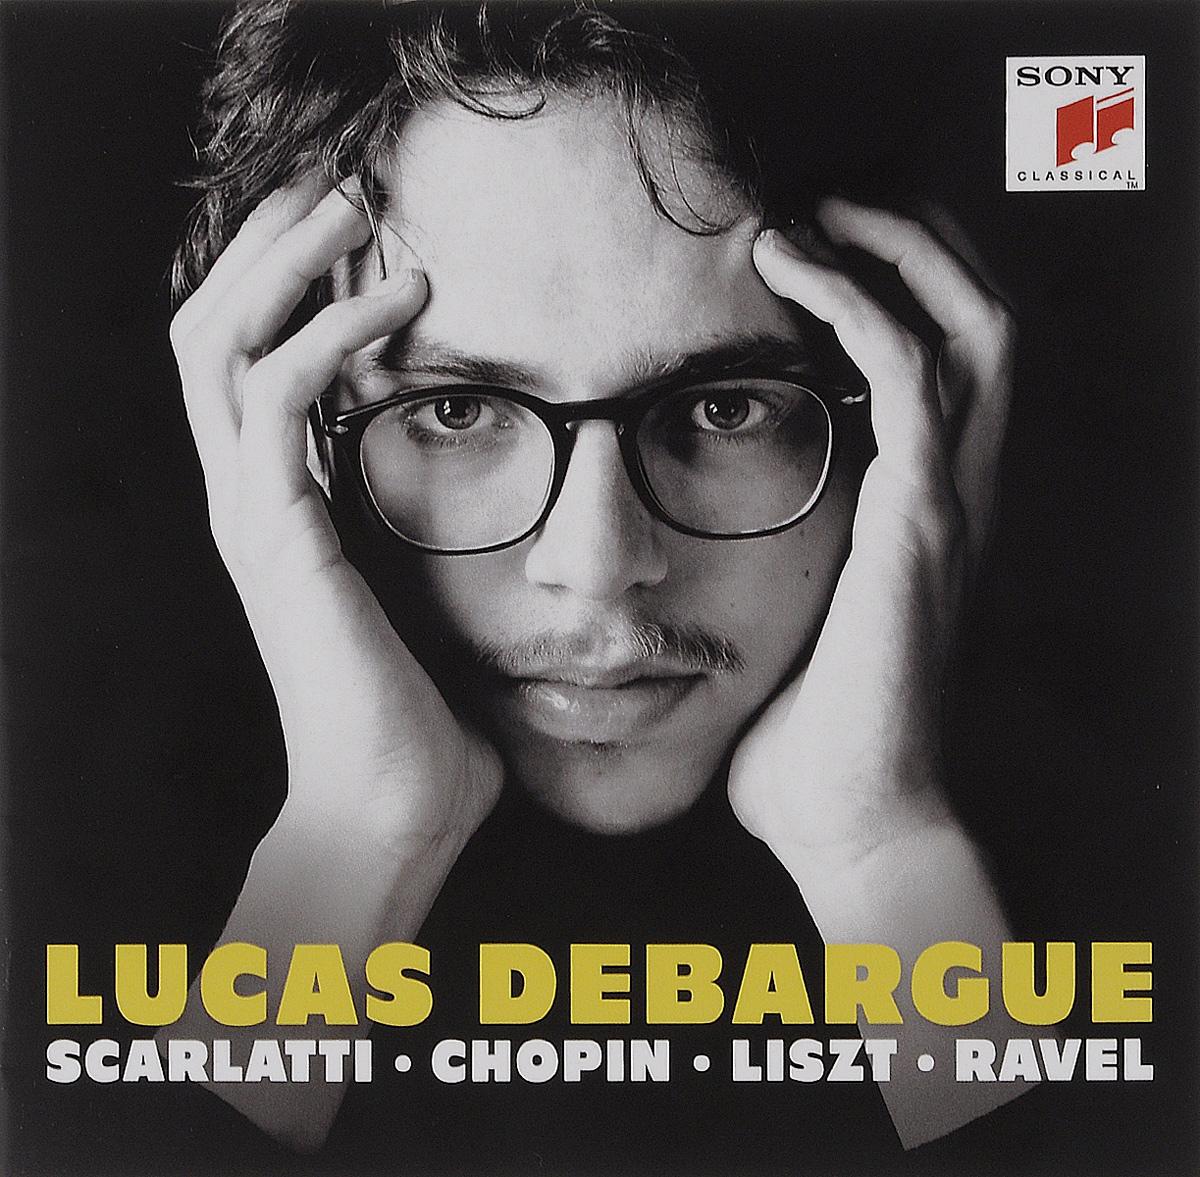 Lucas Debargue Lucas Debargue. Scarlatti / Chopin / Liszt / Ravel g571 пейзаж lucas lucas lucas